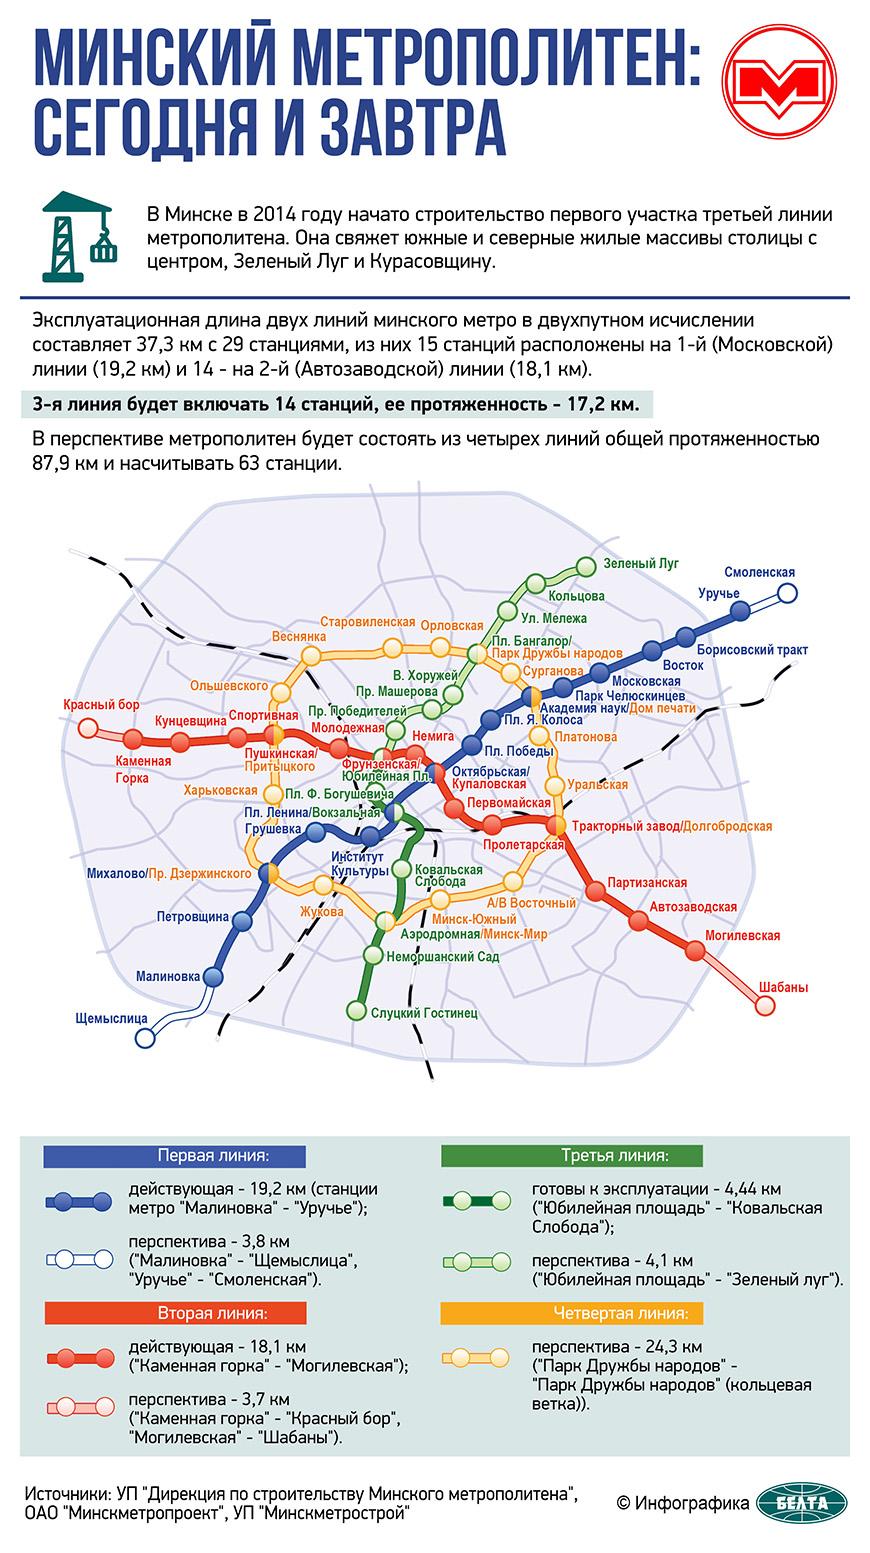 Минский метрополитен: сегодня и завтра